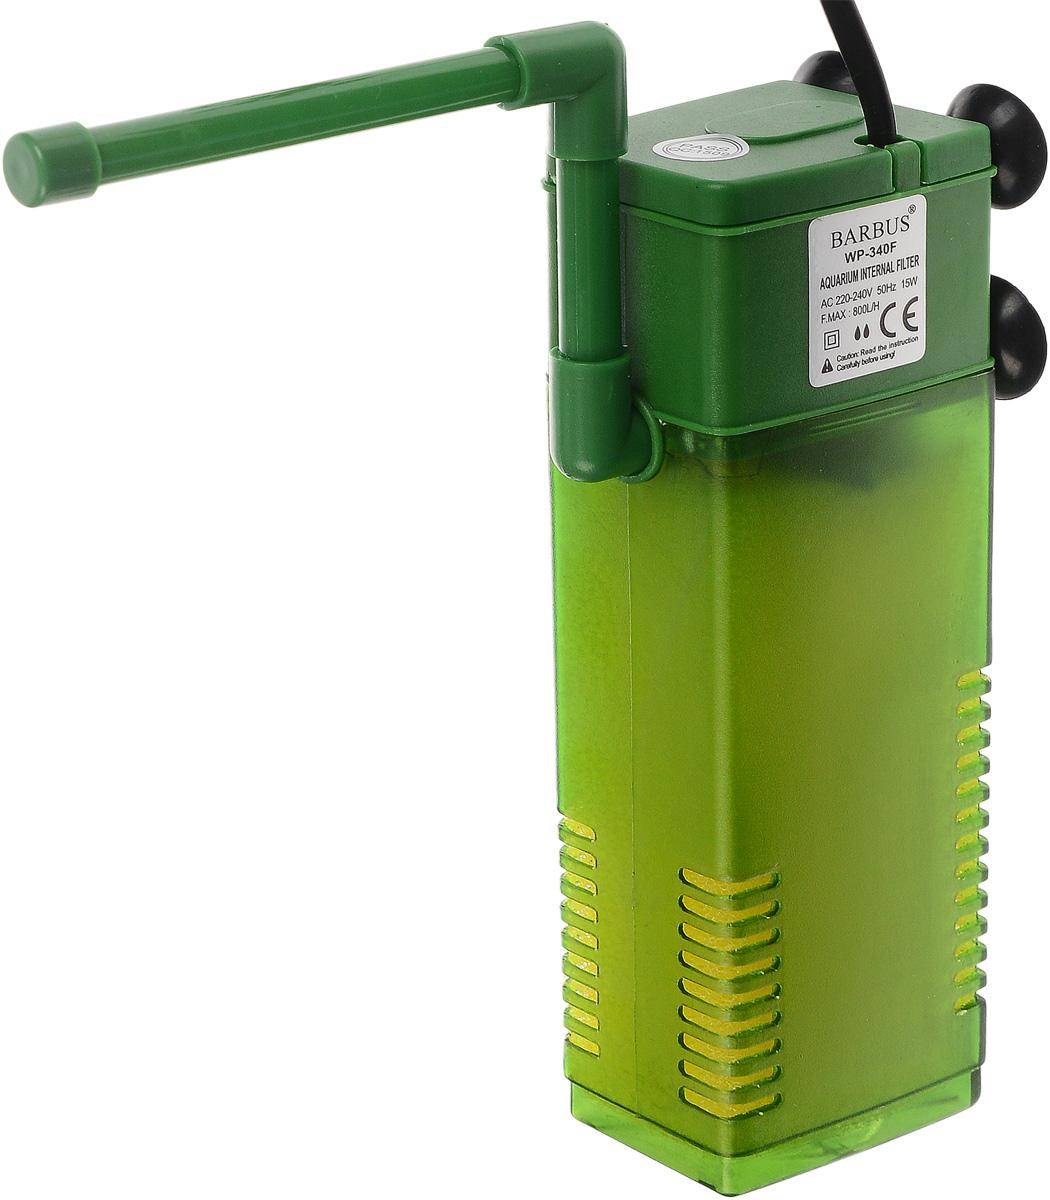 Фильтр для воды Barbus WP- 340F, аквариумный, с регулятором и флейтой, 800 л/ч